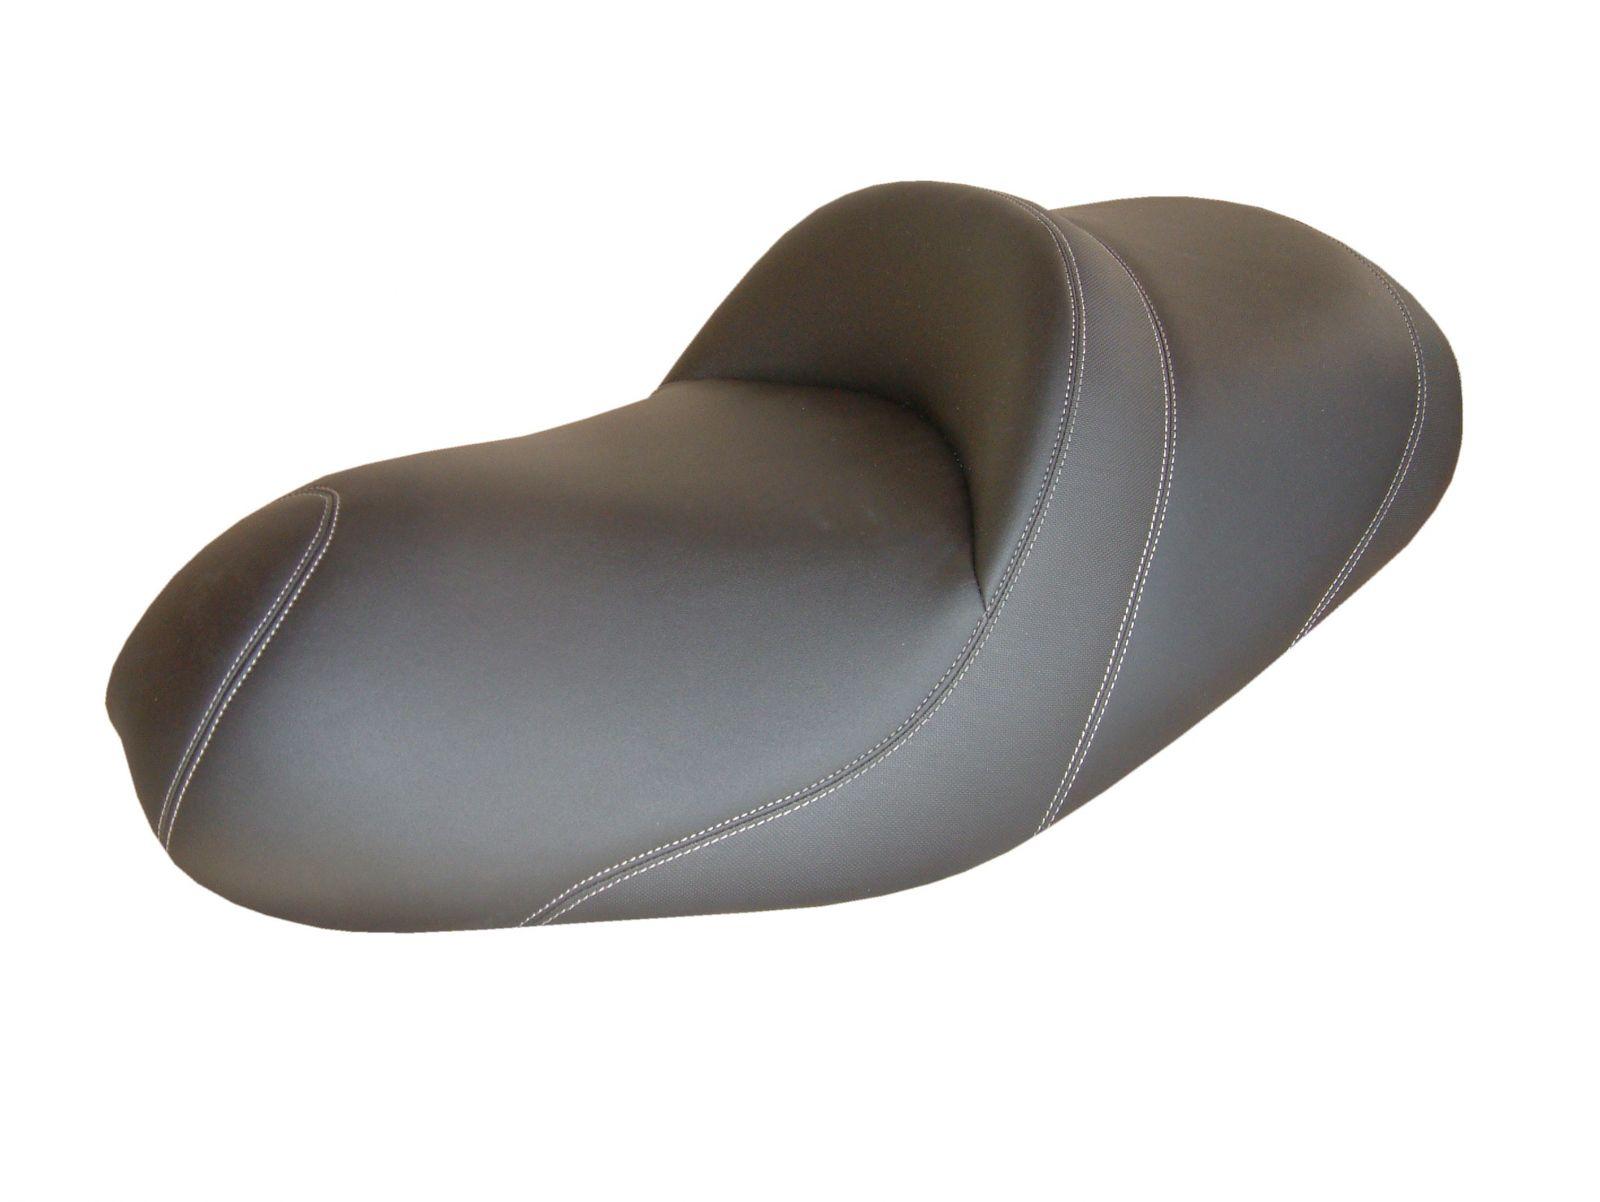 komfort sitzbank sgc4056 piaggio mp3 500 2011 2013 preise f r sterreich. Black Bedroom Furniture Sets. Home Design Ideas